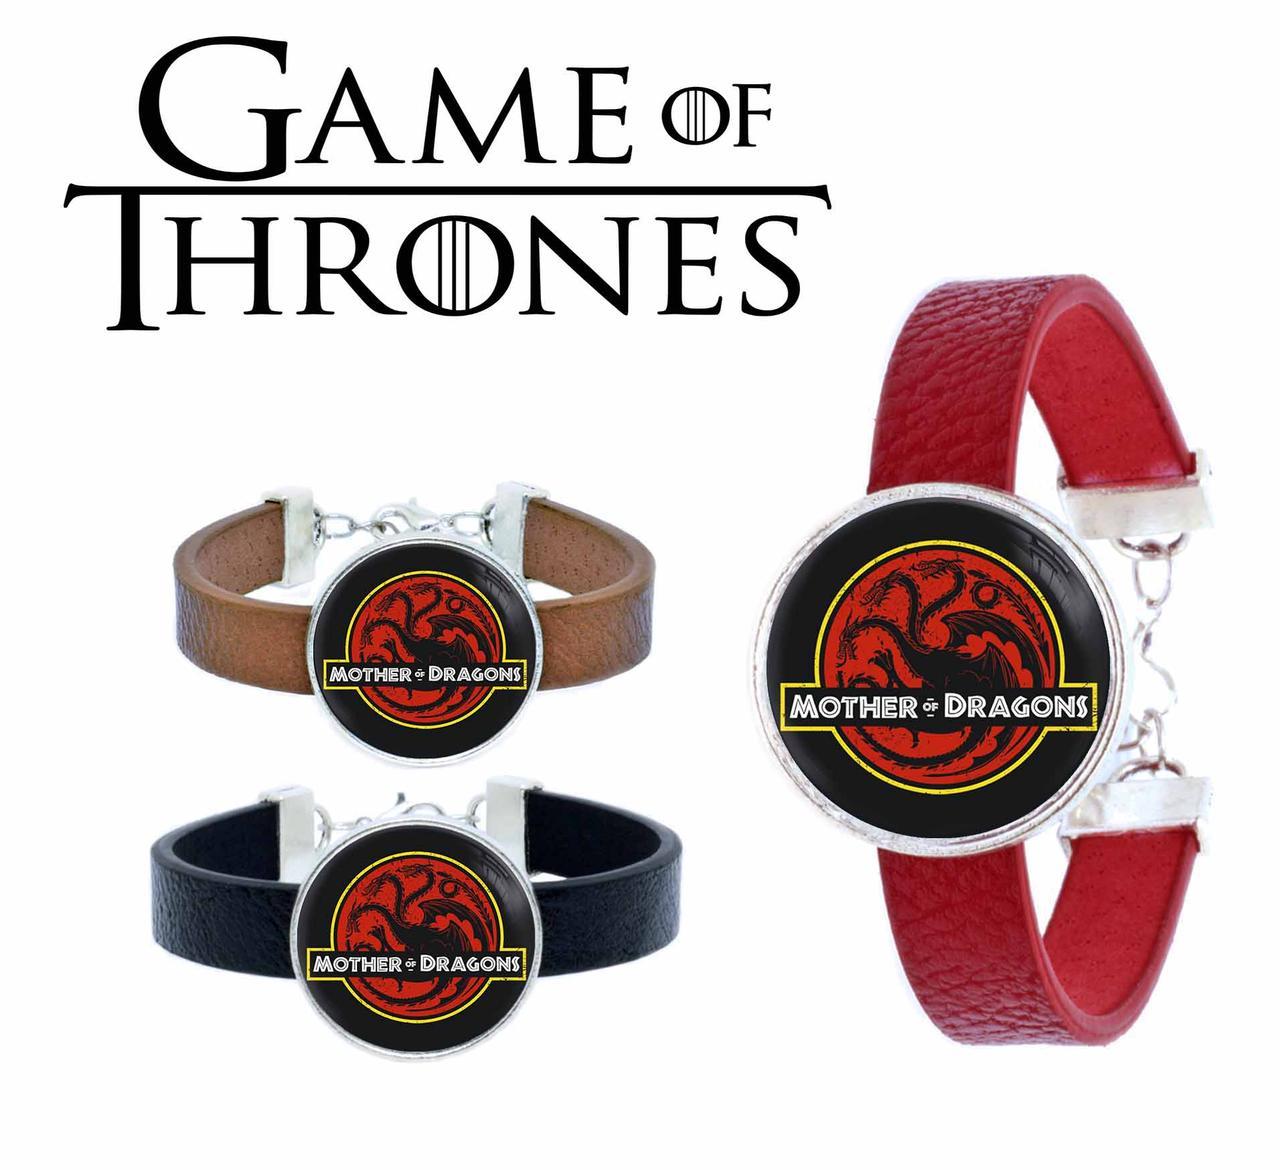 Браслет Матерь драконов Игра престолов / Game of Thrones